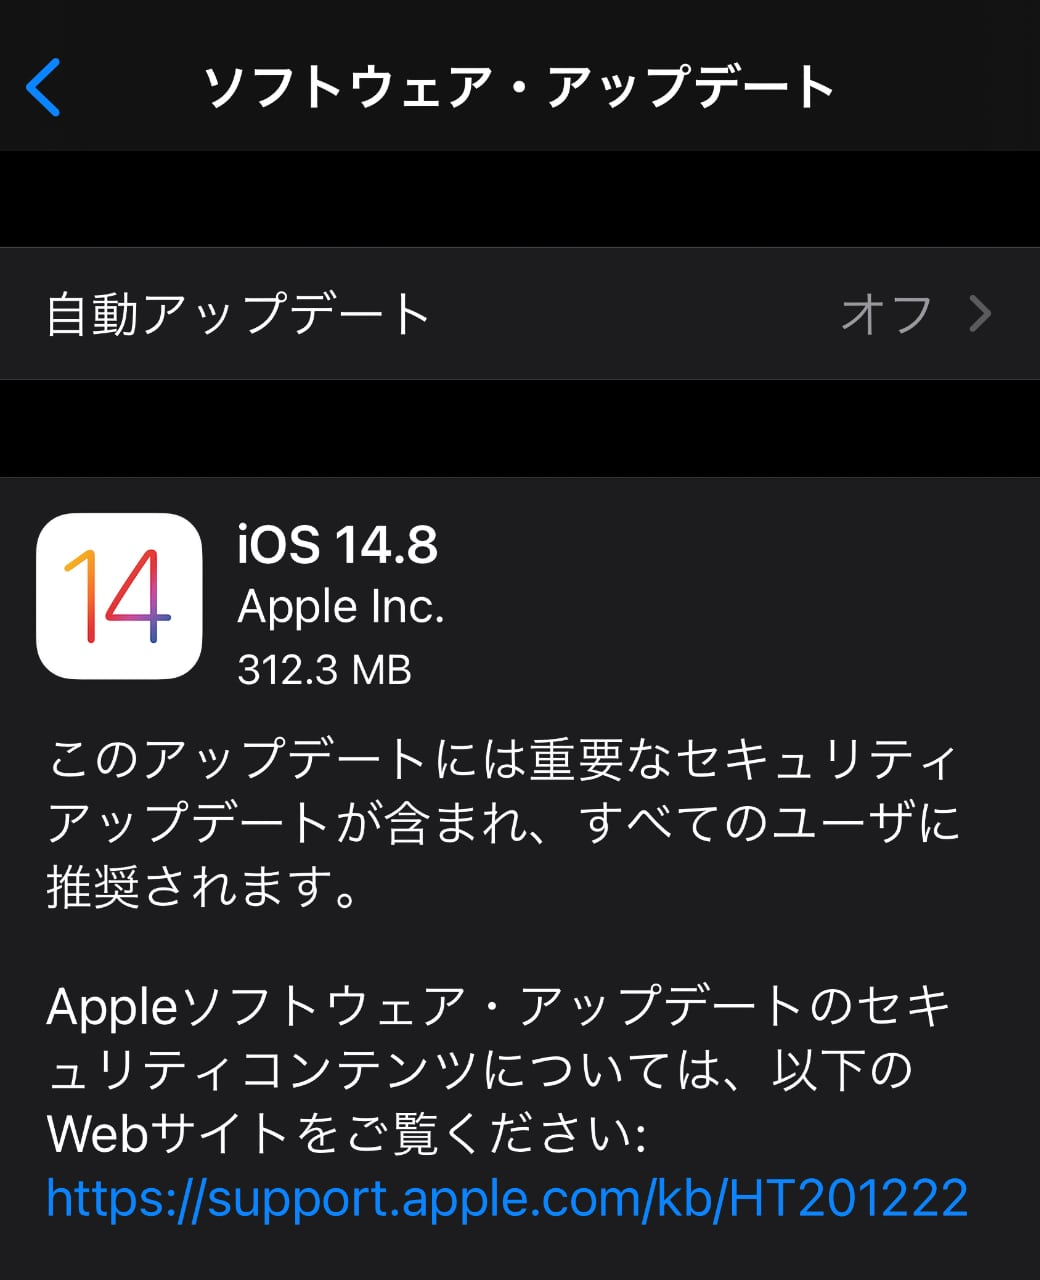 Apple、「iOS 14.8」をリリース ‒ 重要なセキュリティアップデート